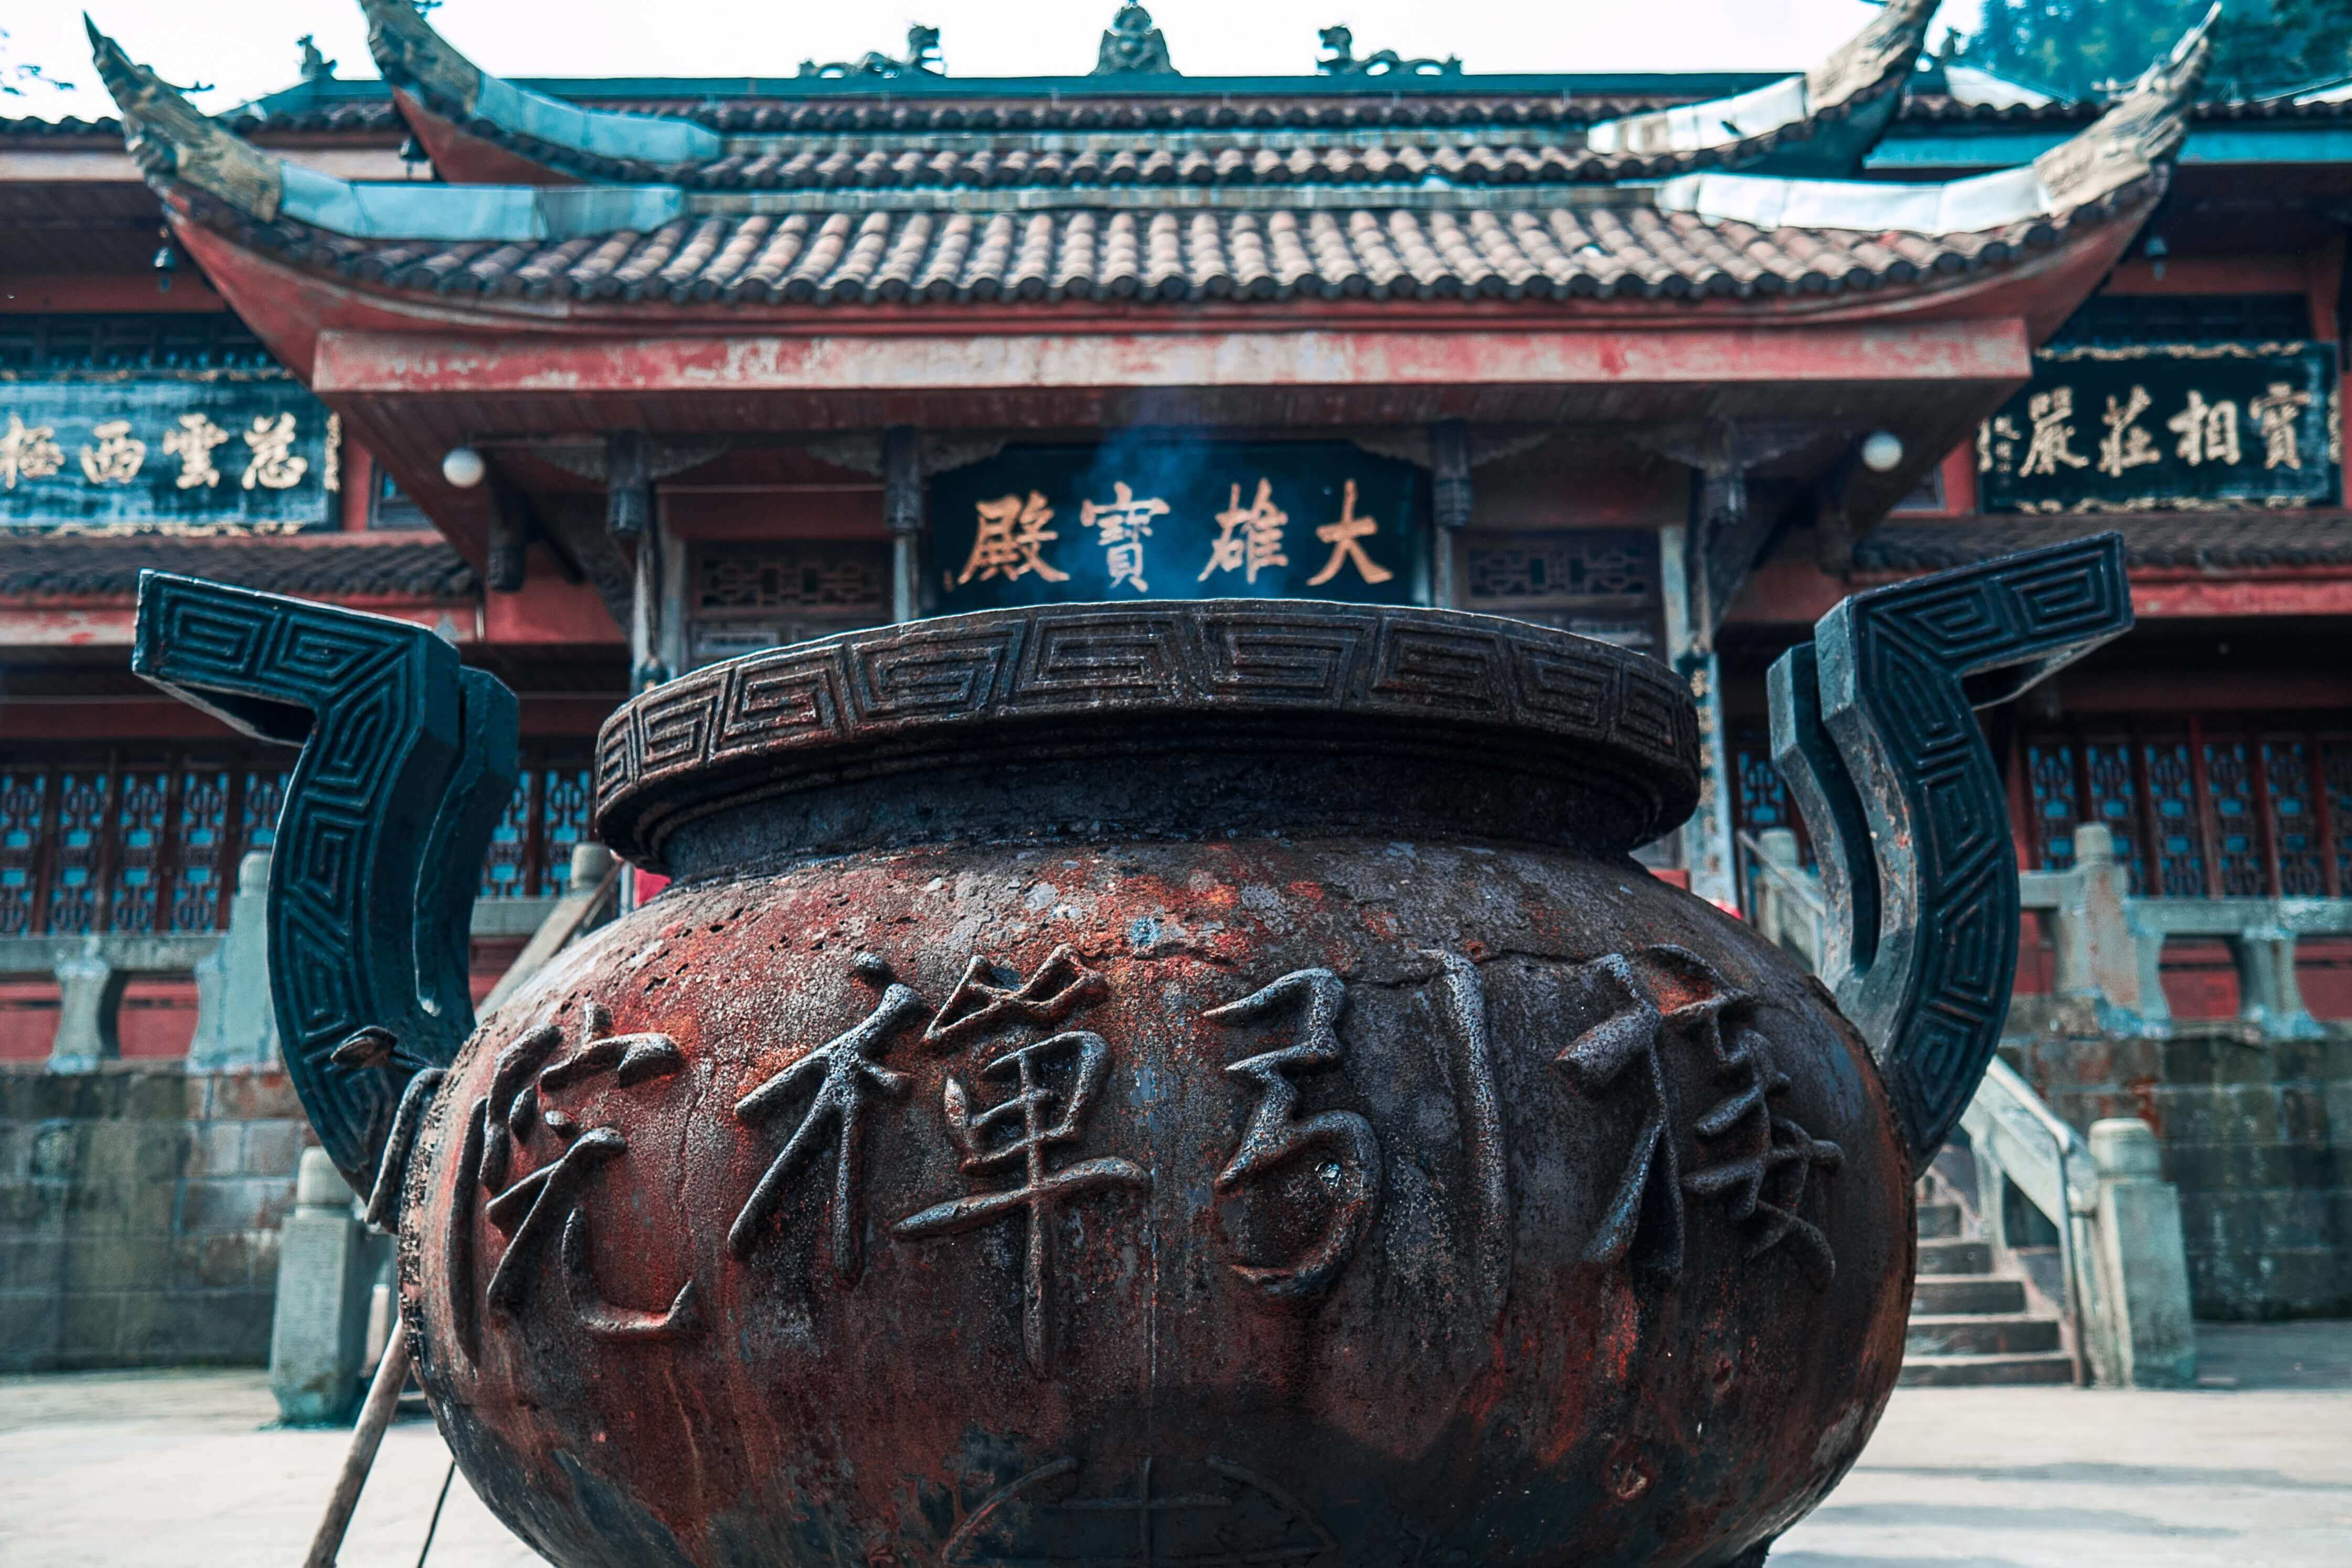 ancient antique architecture 879359